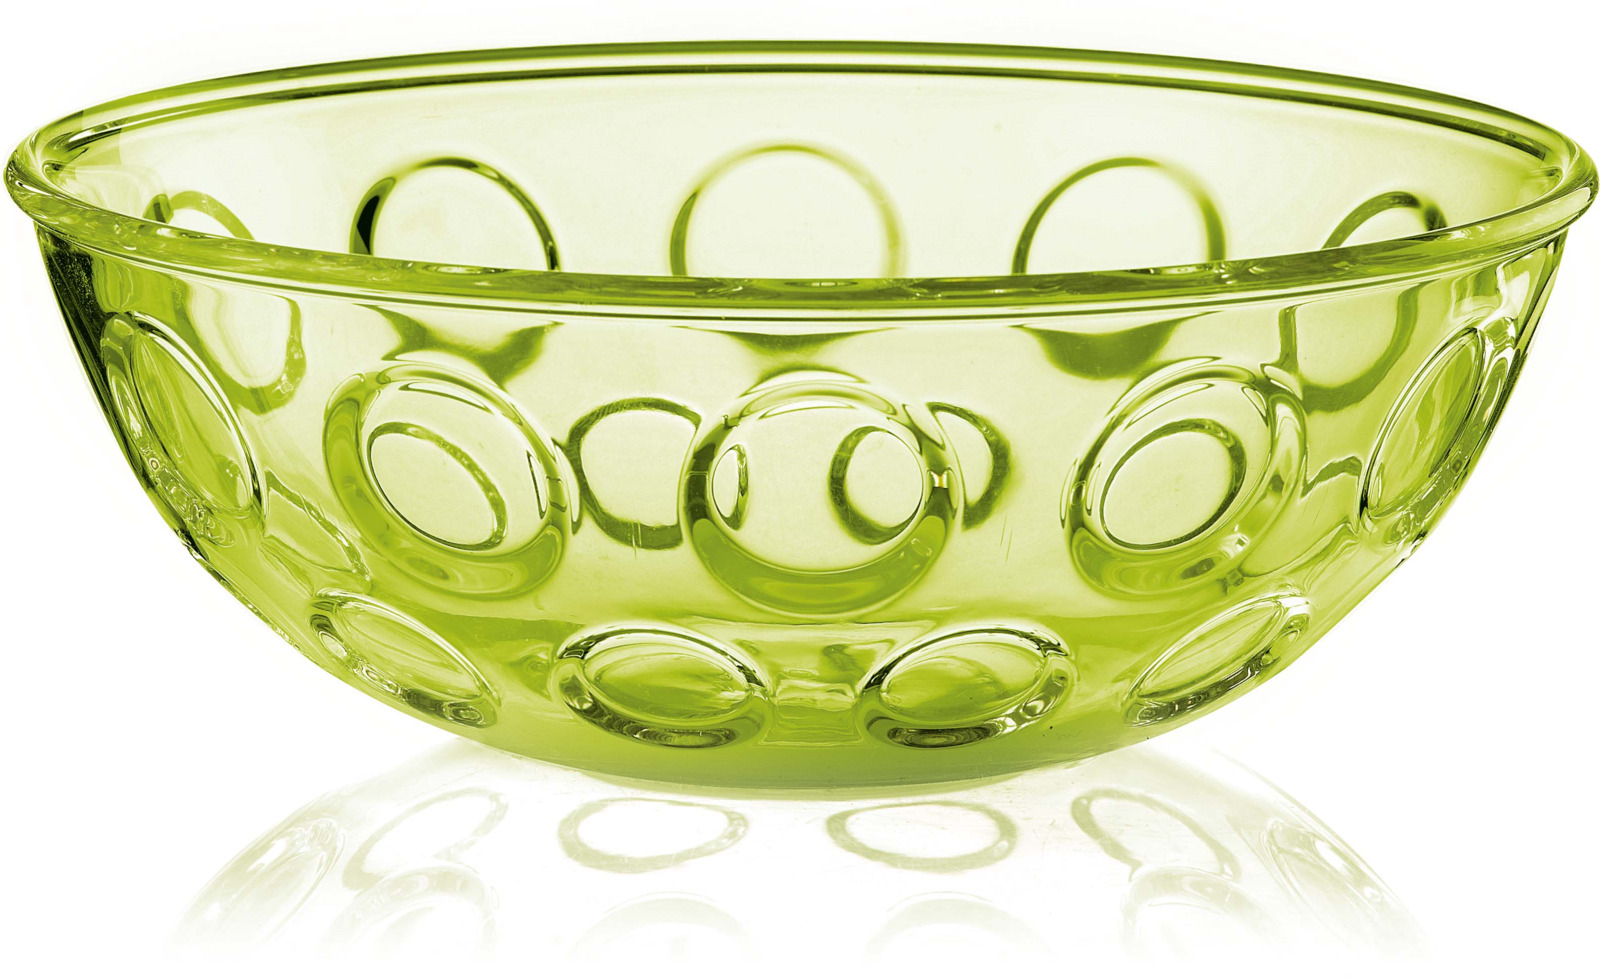 Салатник Guzzini Forme Casa, цвет: зеленый, диаметр 25 см